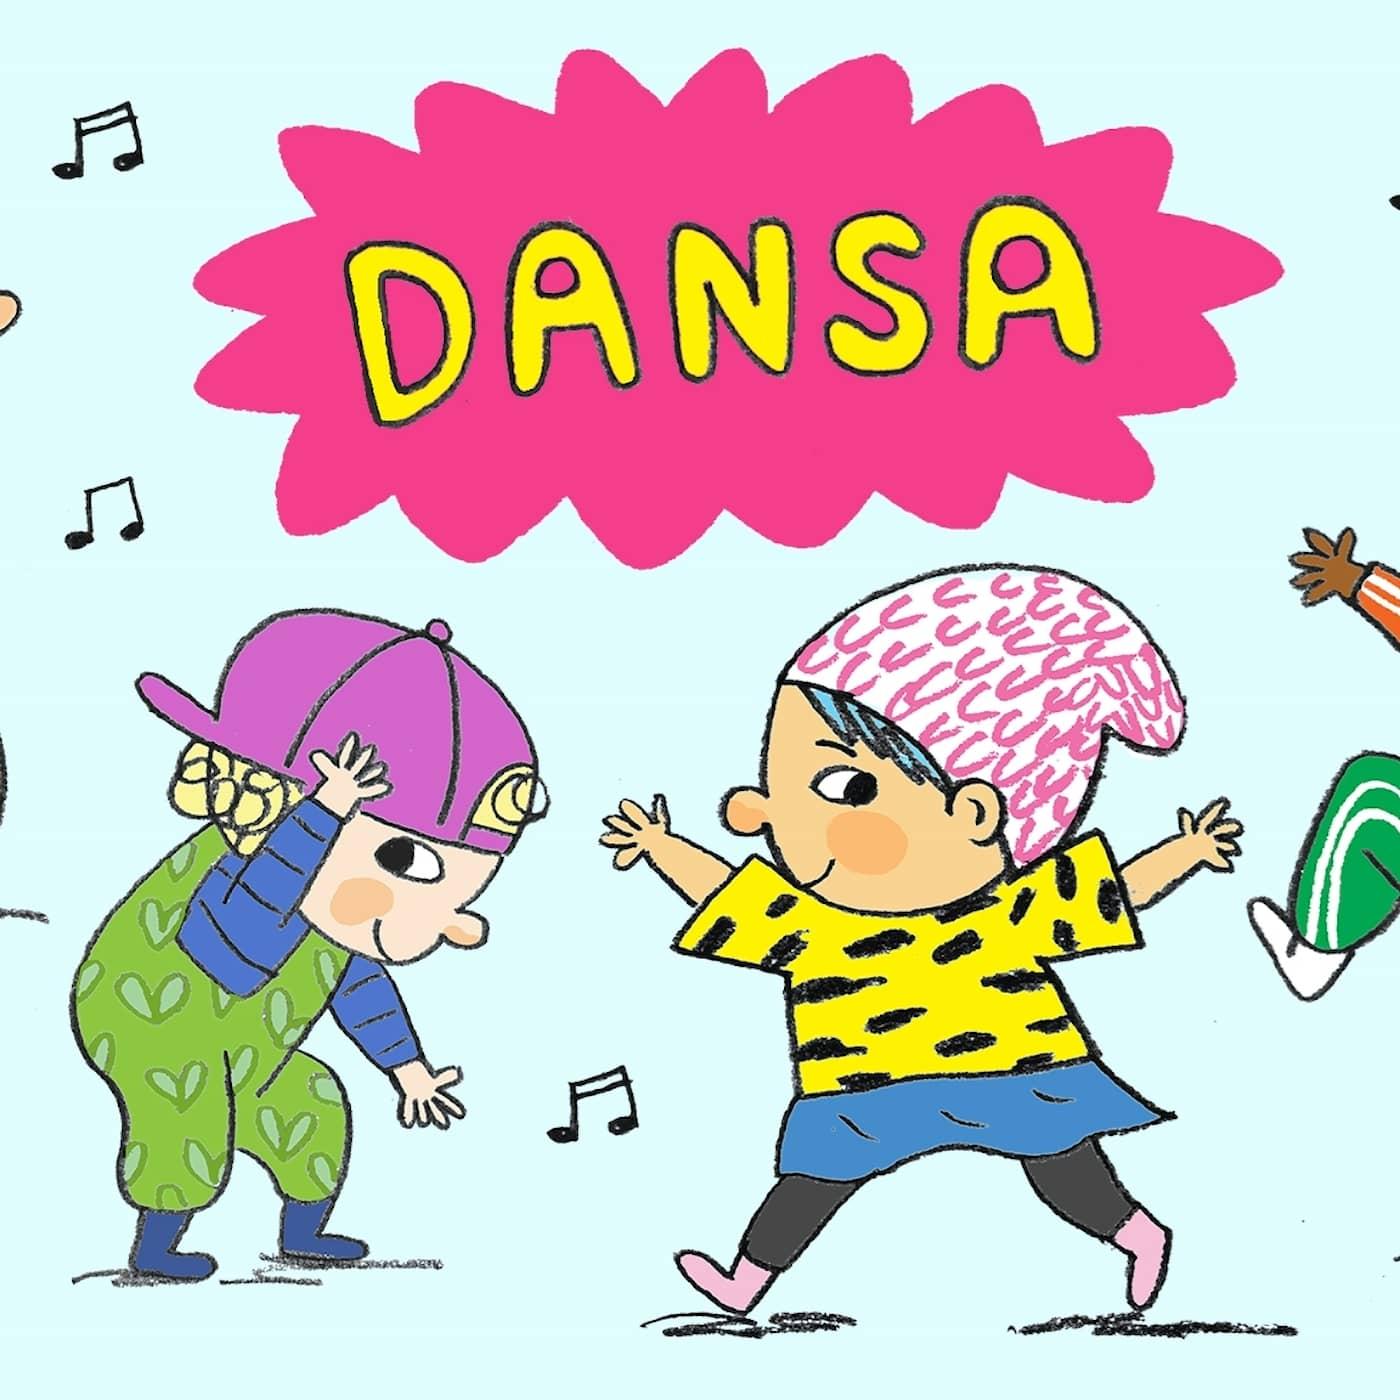 Dansadansadansa